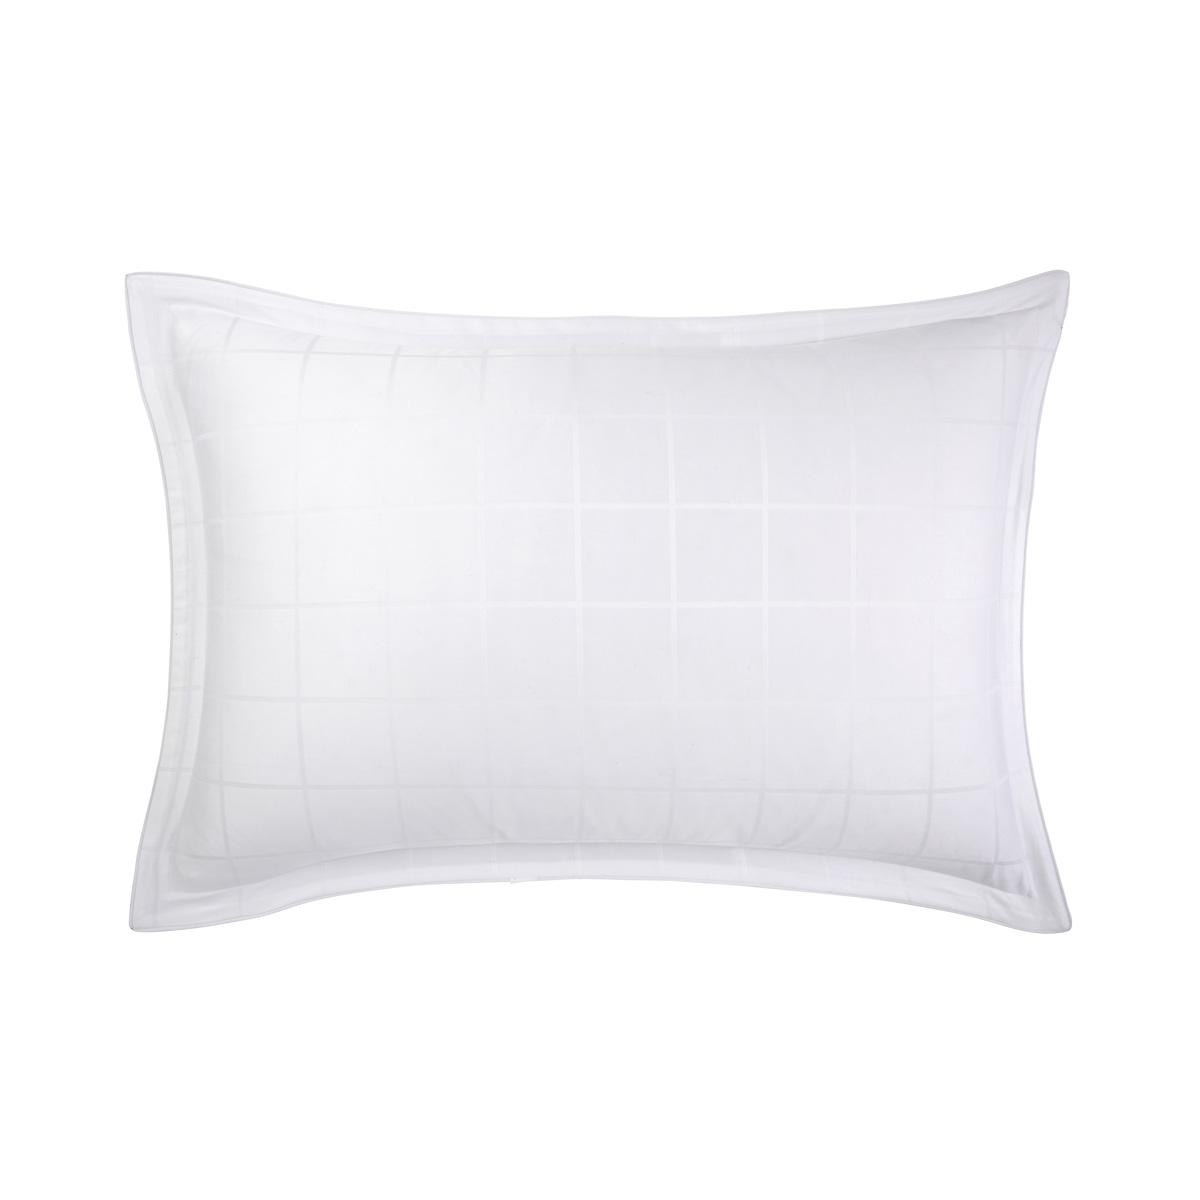 Taie d'oreiller satin Blanc 50 x 75 cm